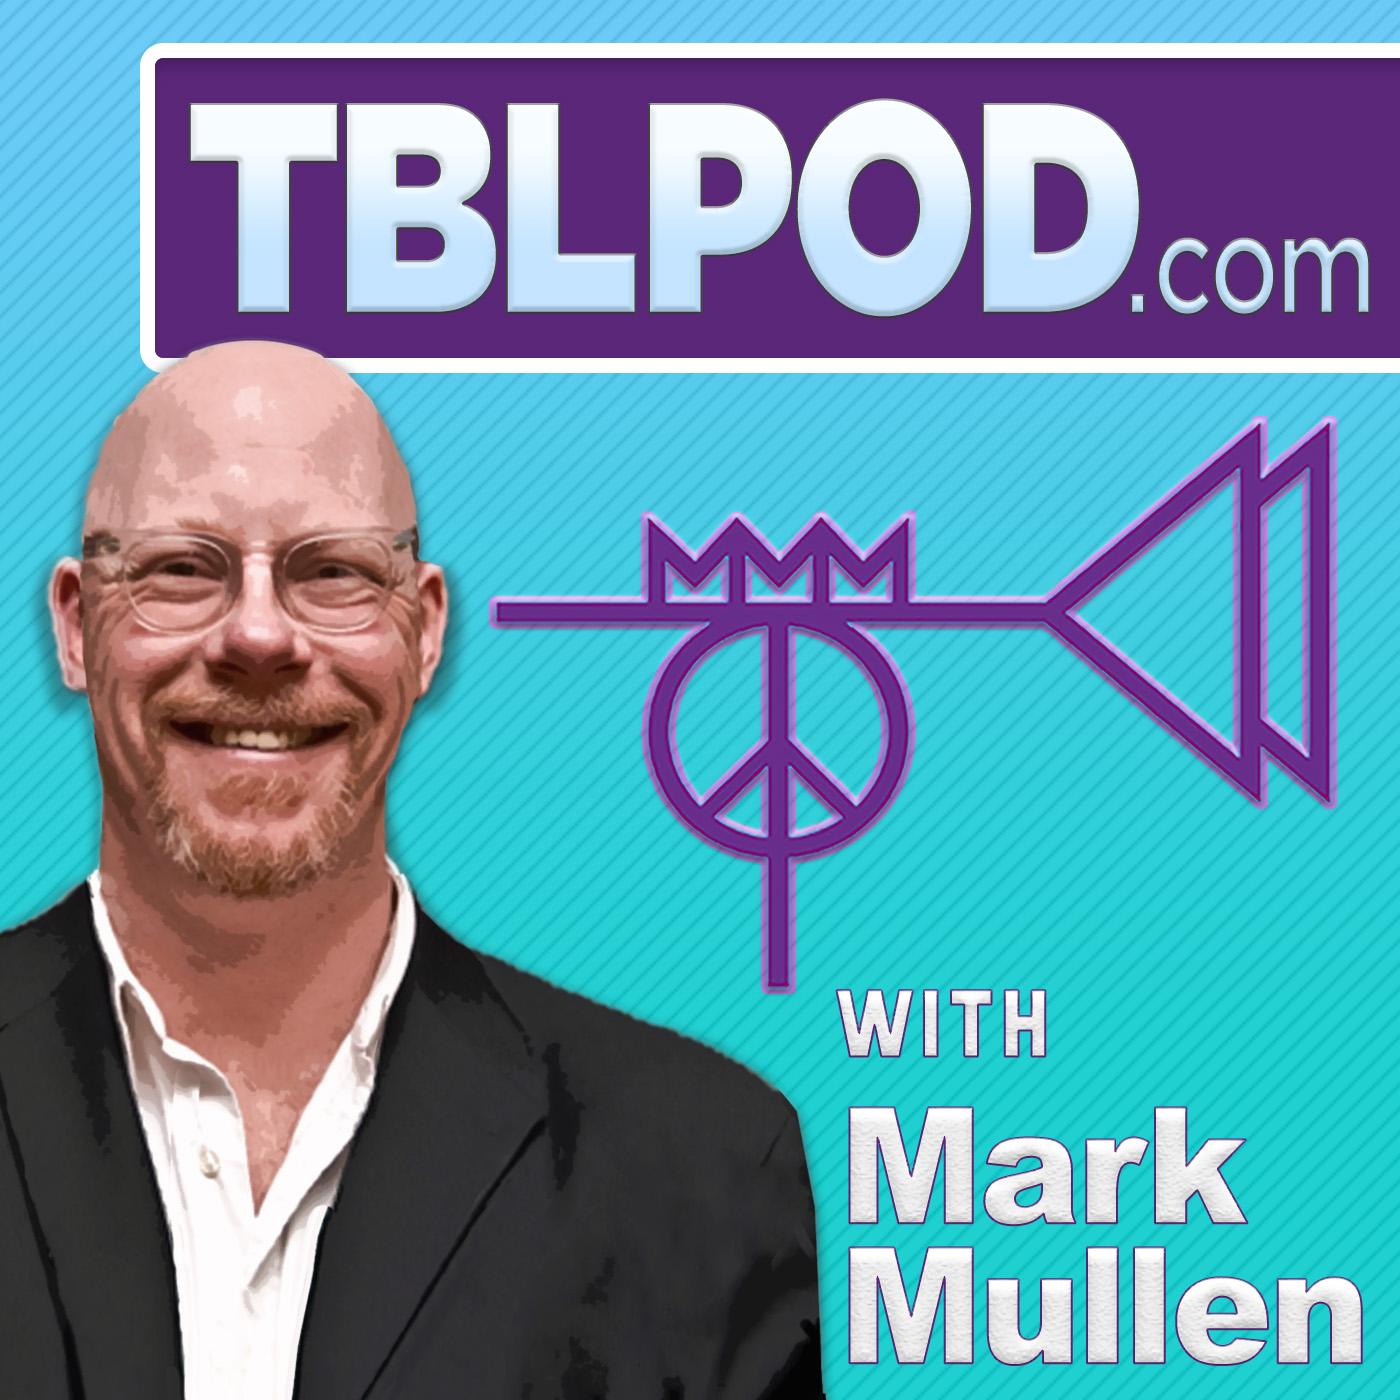 TBLPOD.com » Podcast